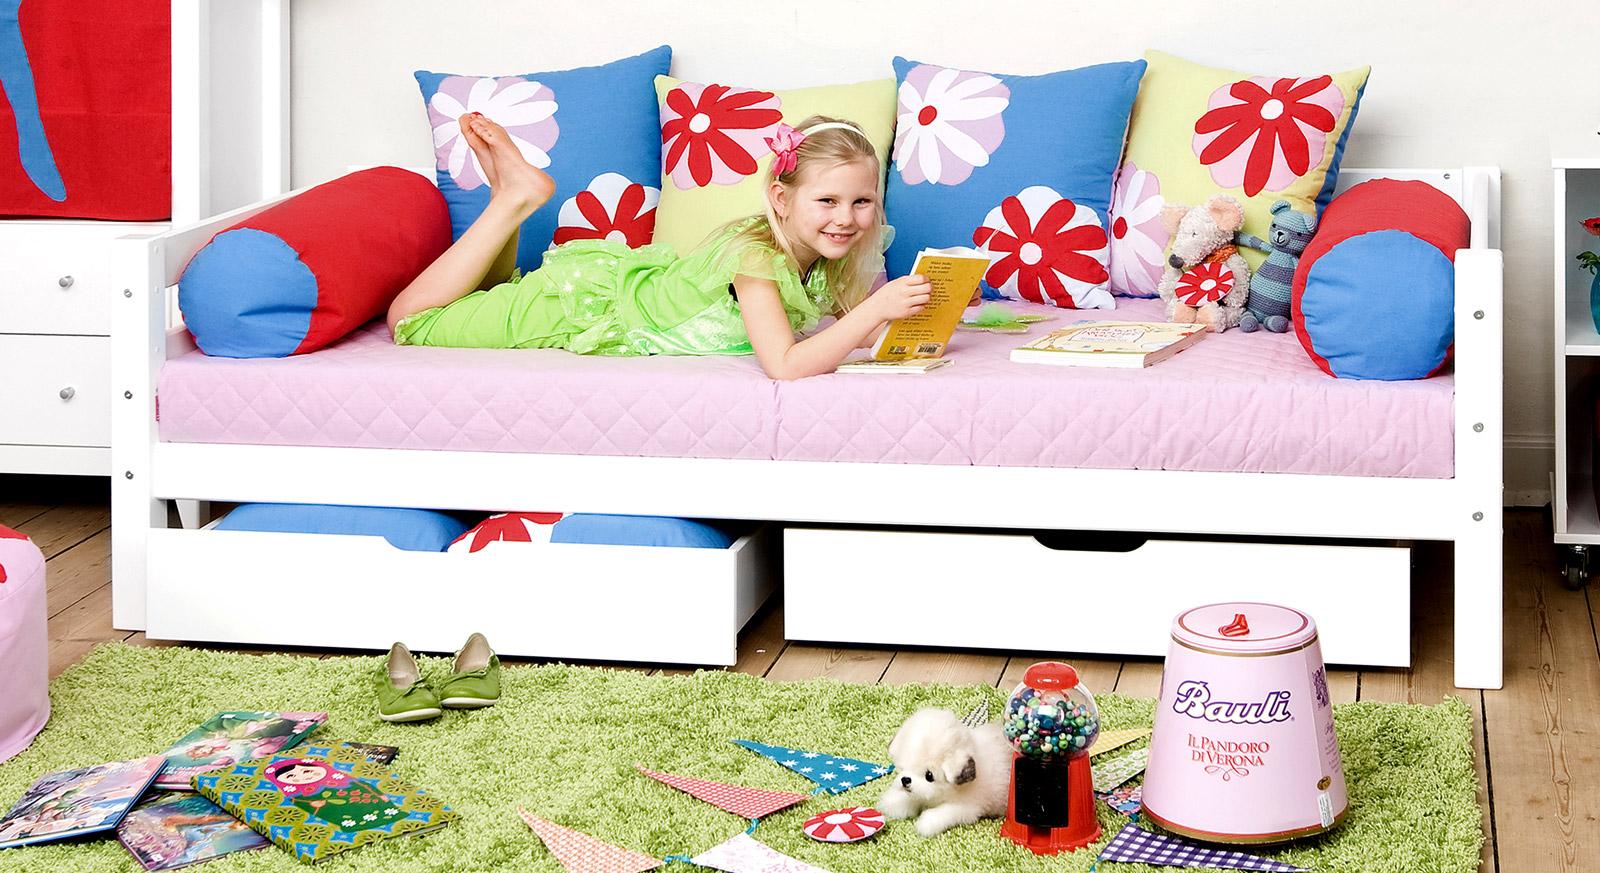 Kindgerechtes Sofabett Kids Royalty in Weiß